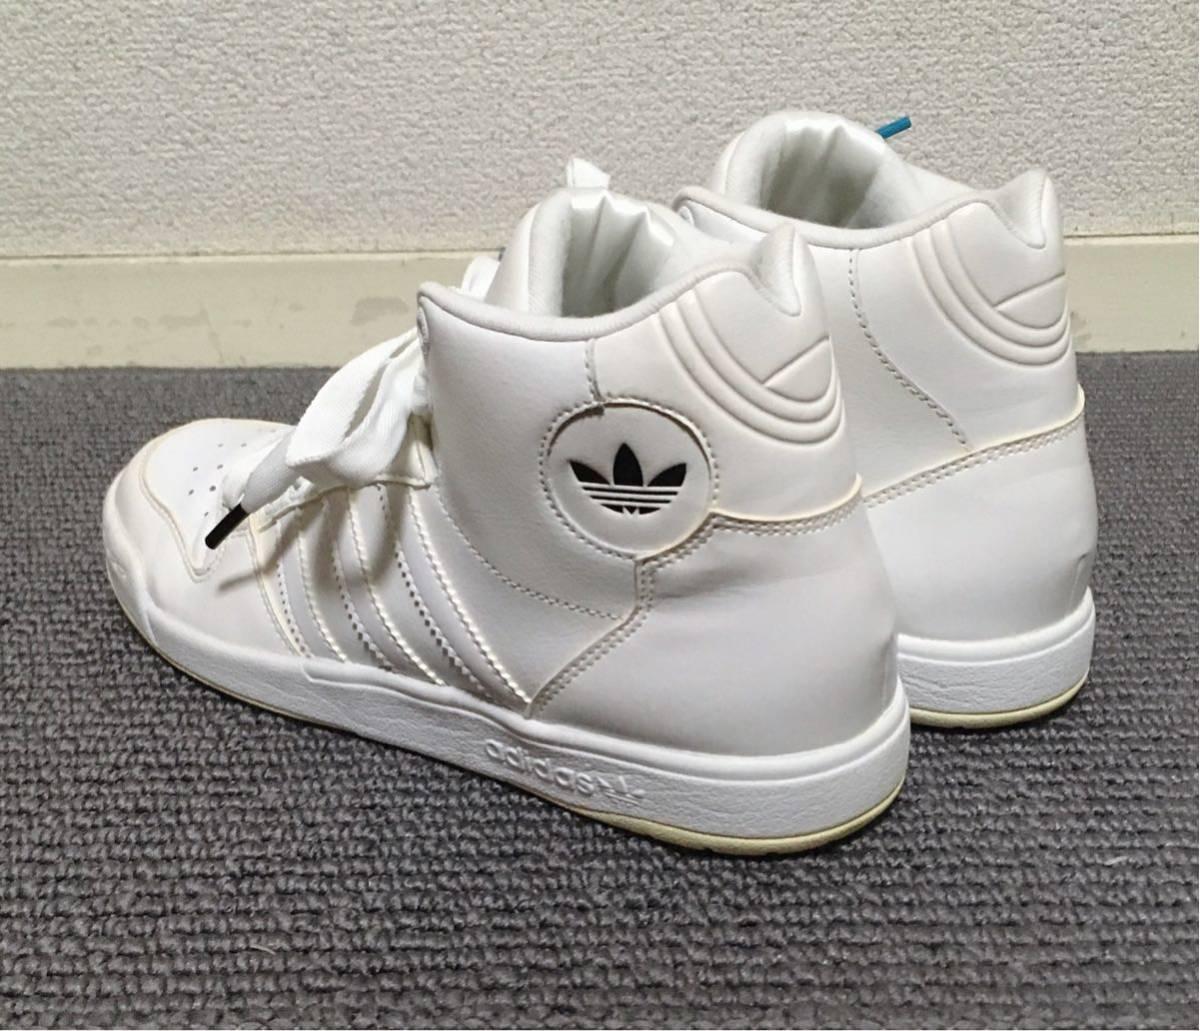 【極美品】adidas ハイカットスニーカー 白 23.5 アディダス_画像8